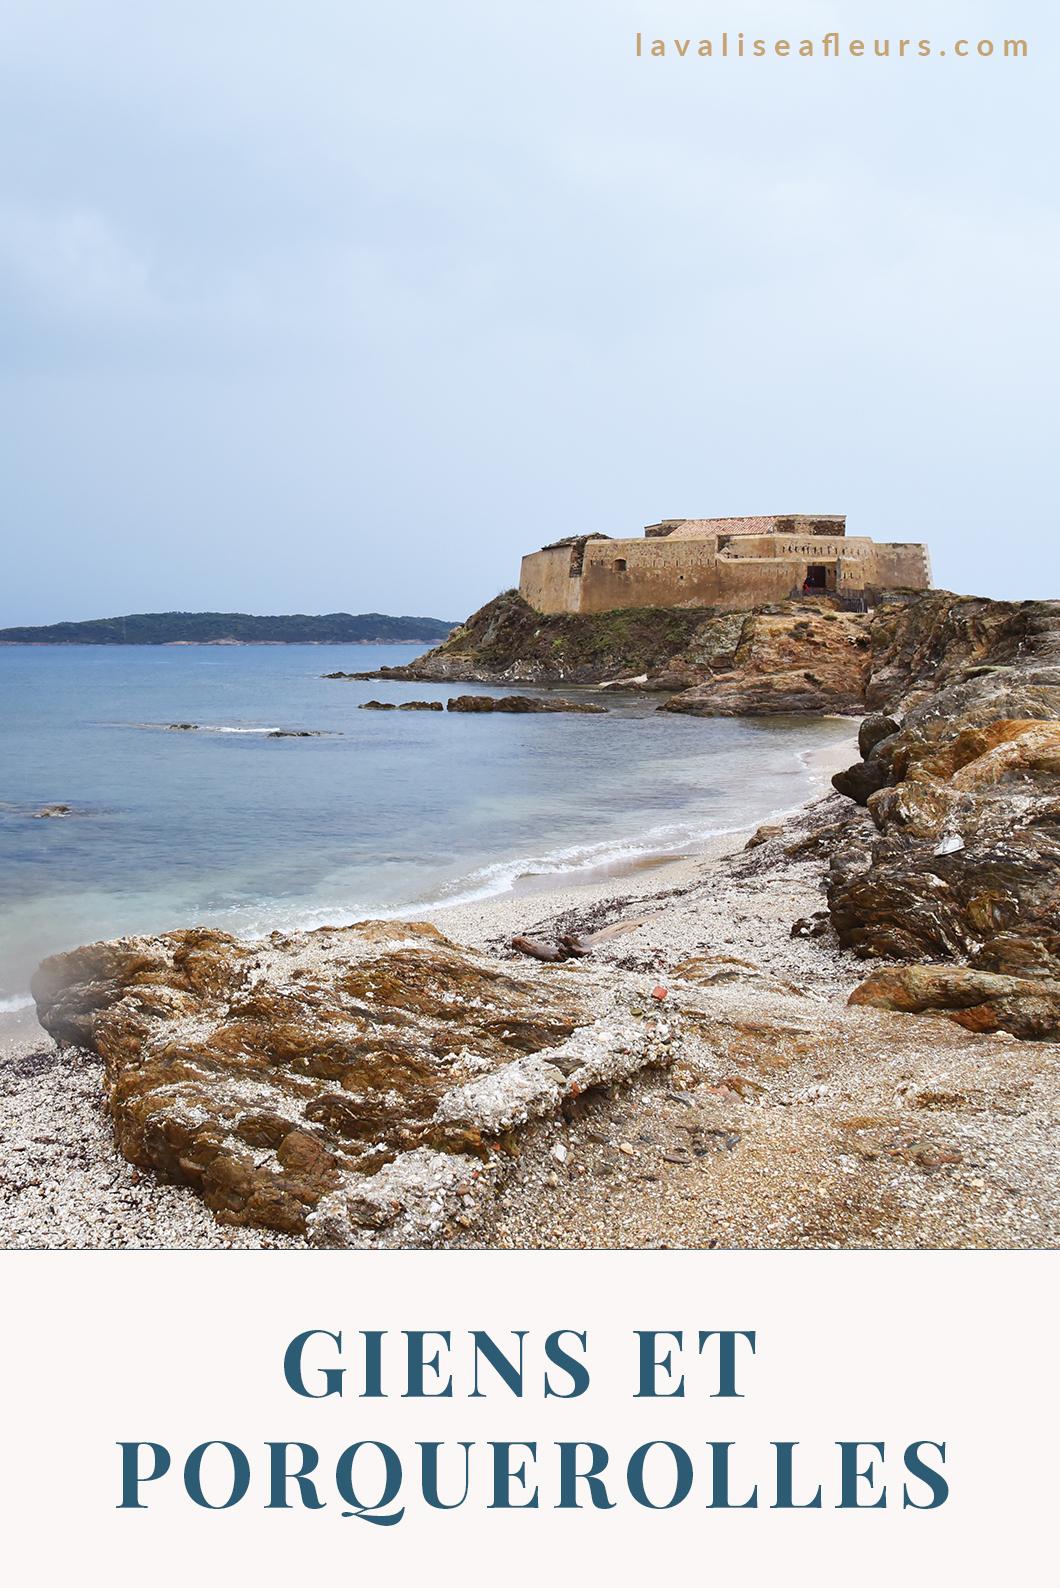 Visiter Giens et l'île de Porquerolles